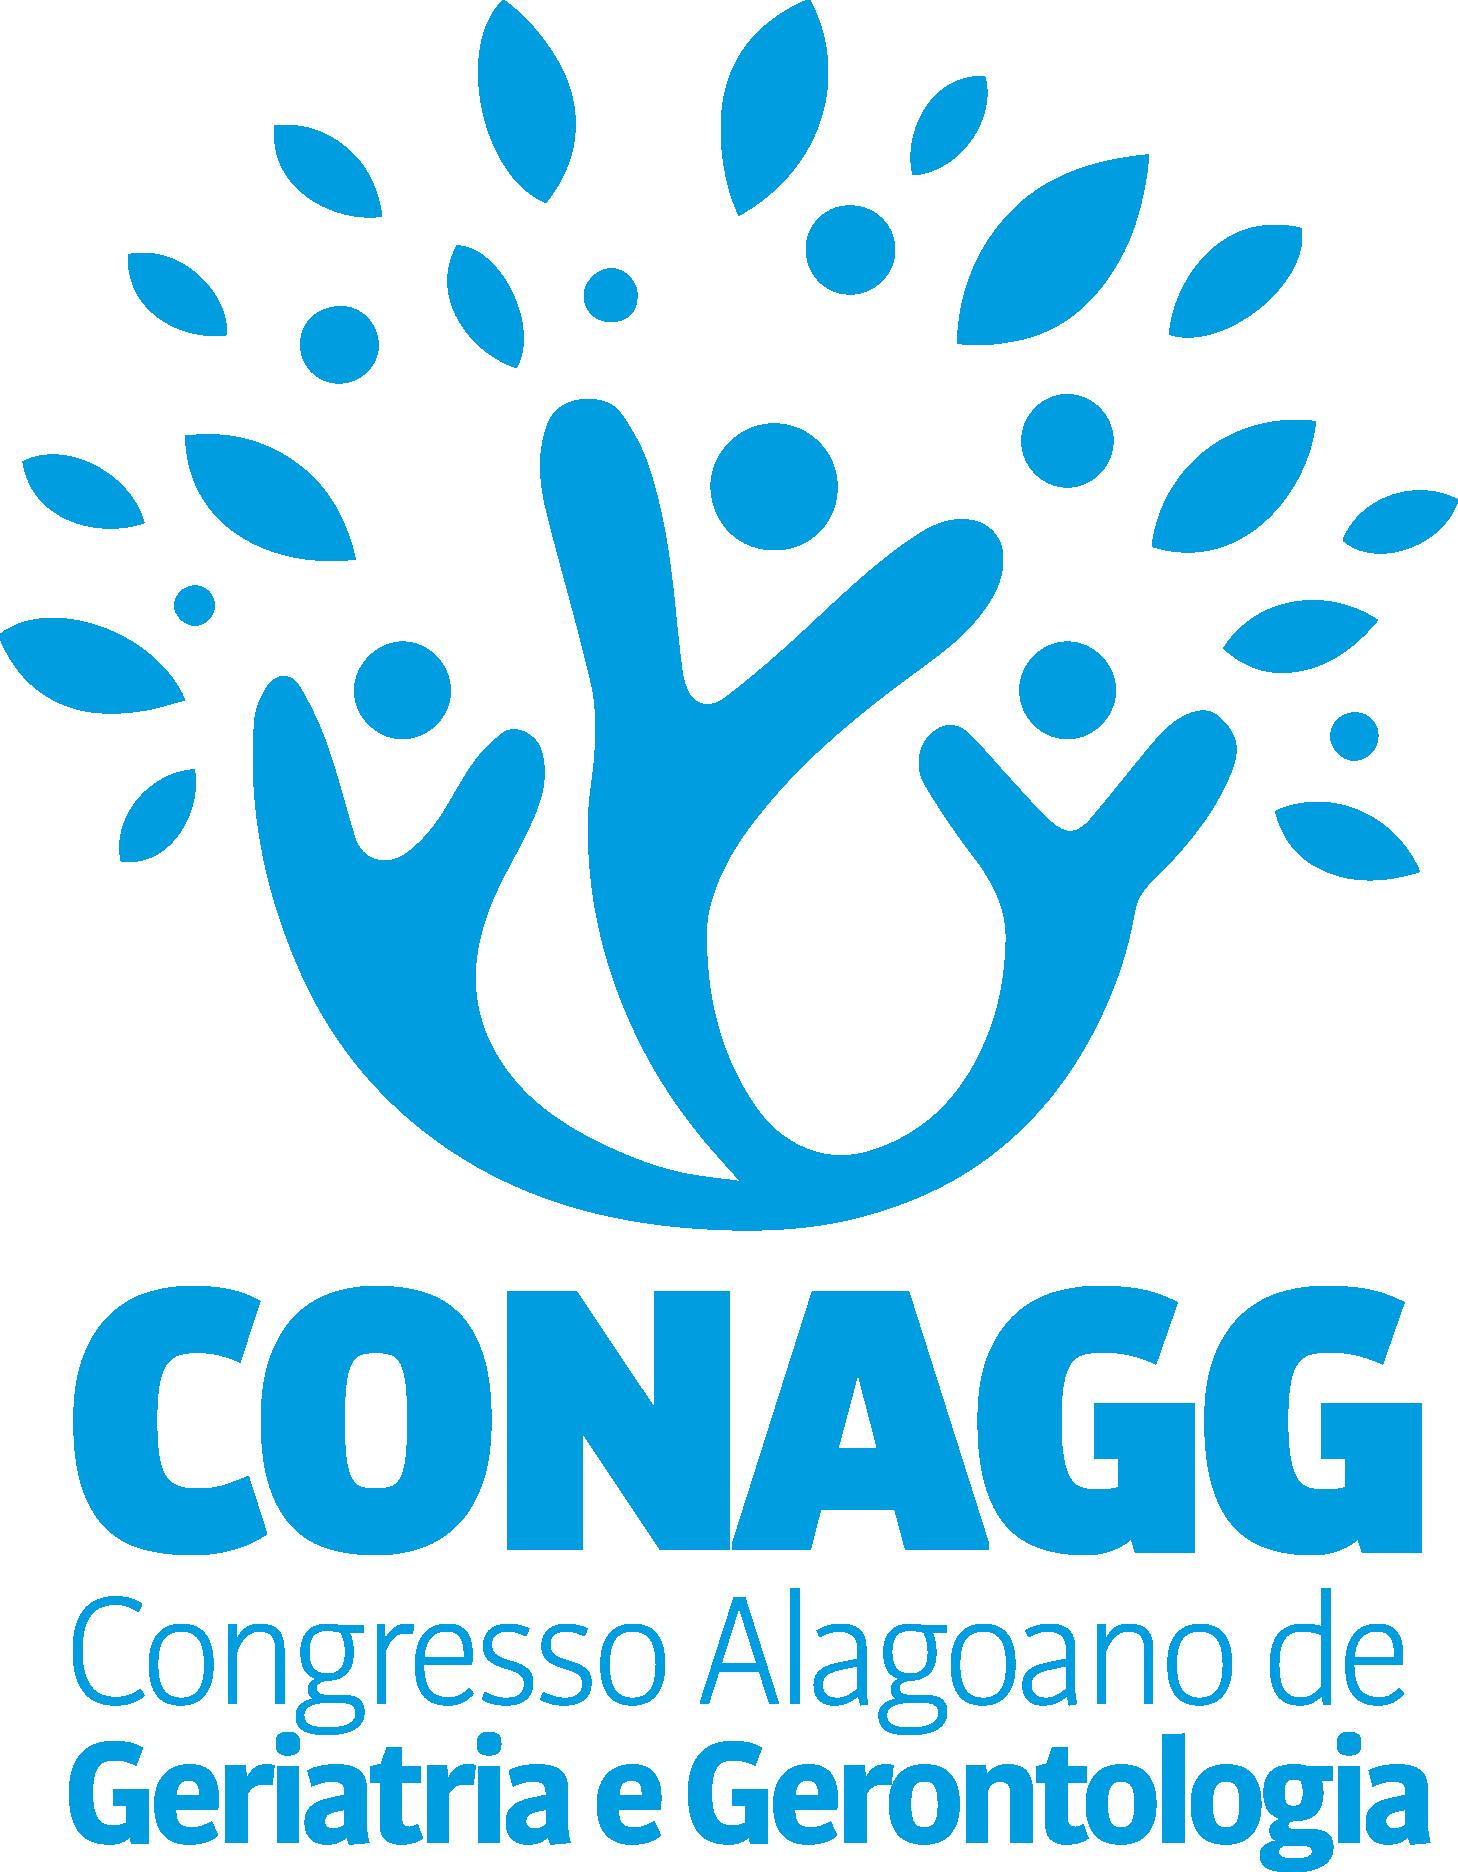 IV CONAGG – Congresso Alagoano de Geriatria e Gerontologia